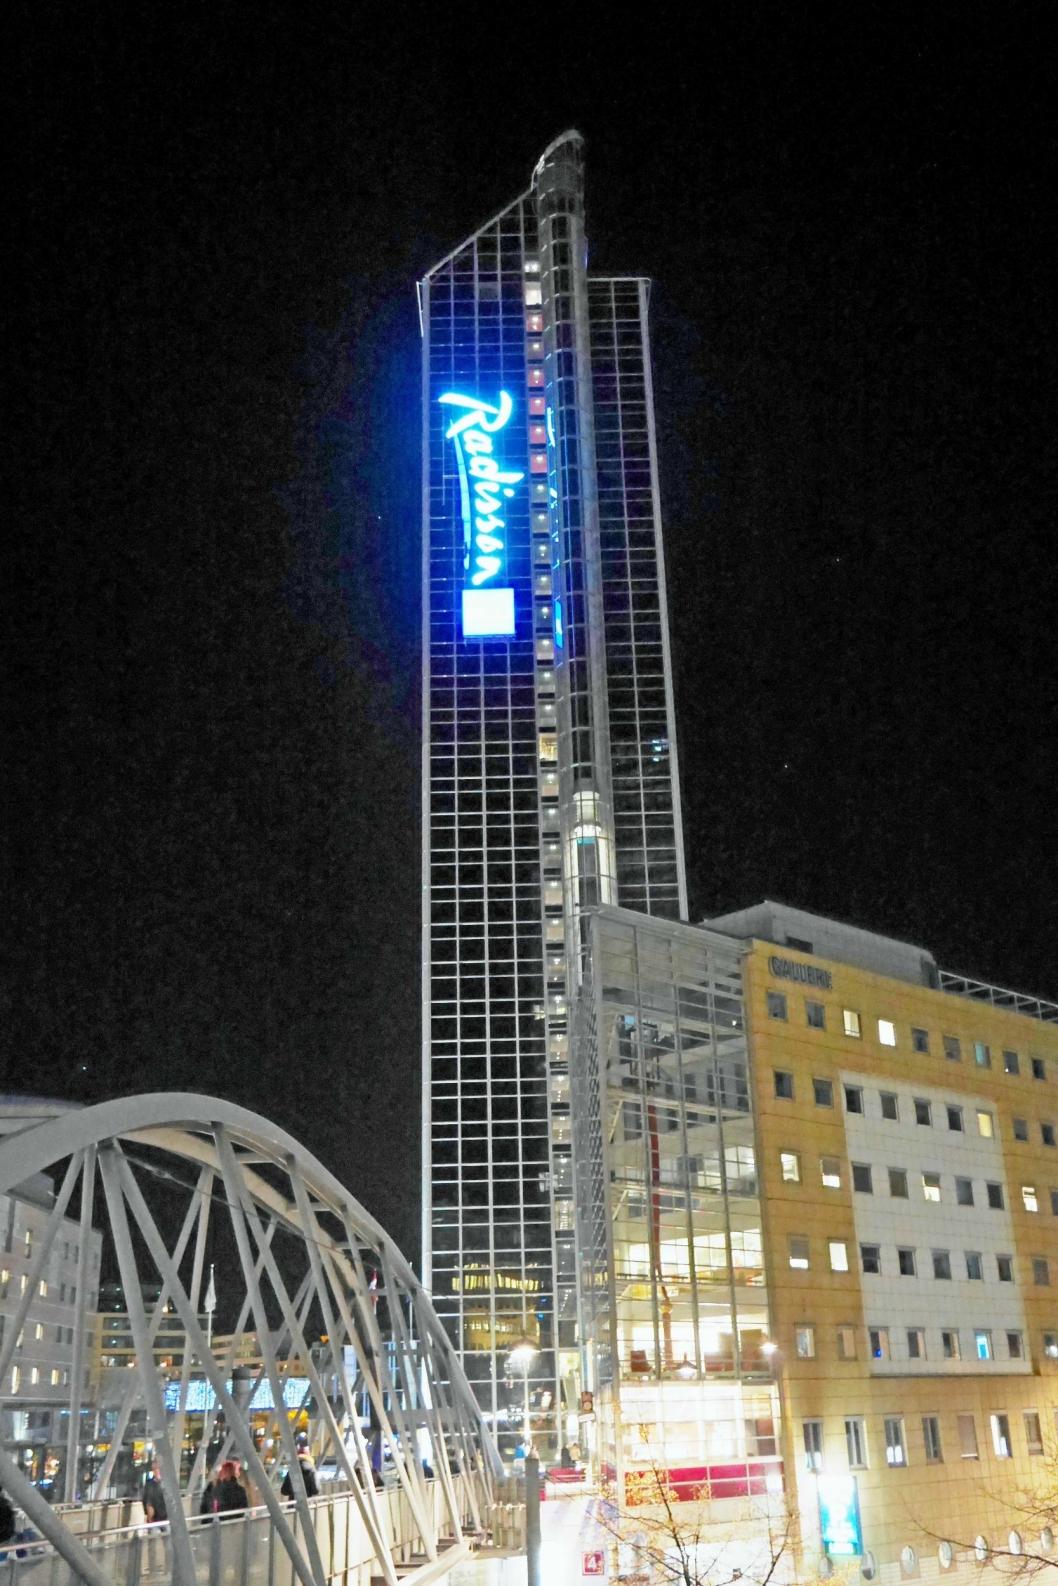 SLUKER PLAZA? HNA Tourism Group er verdens 353. største selskap. Nå vil de sluke Rezidor - hotellkjeden som blant annet driver Norges største hotell, Radisson Blu Plaza i Oslo.